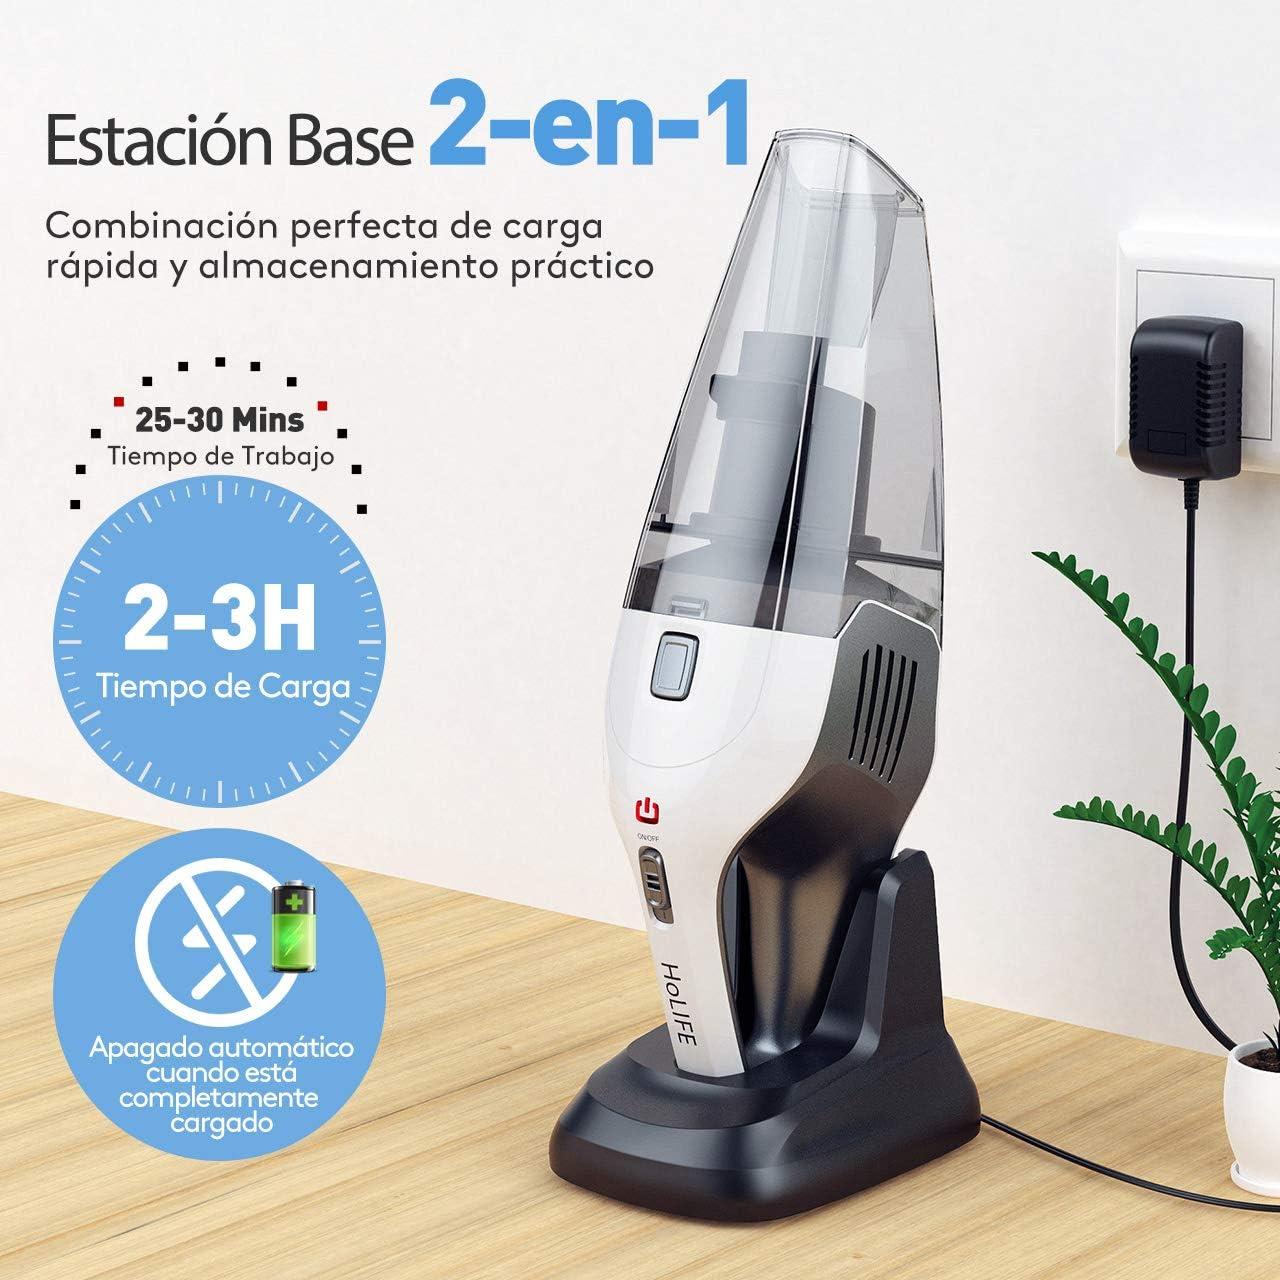 Holife Aspiradora de Mano, aspiradora de 7 Kpa Aspiradora de aspiradora para automóvil Mesa Fuerte Recargable con 2 filtros para el hogar, automóvil, líquido y seco: Amazon.es: Hogar